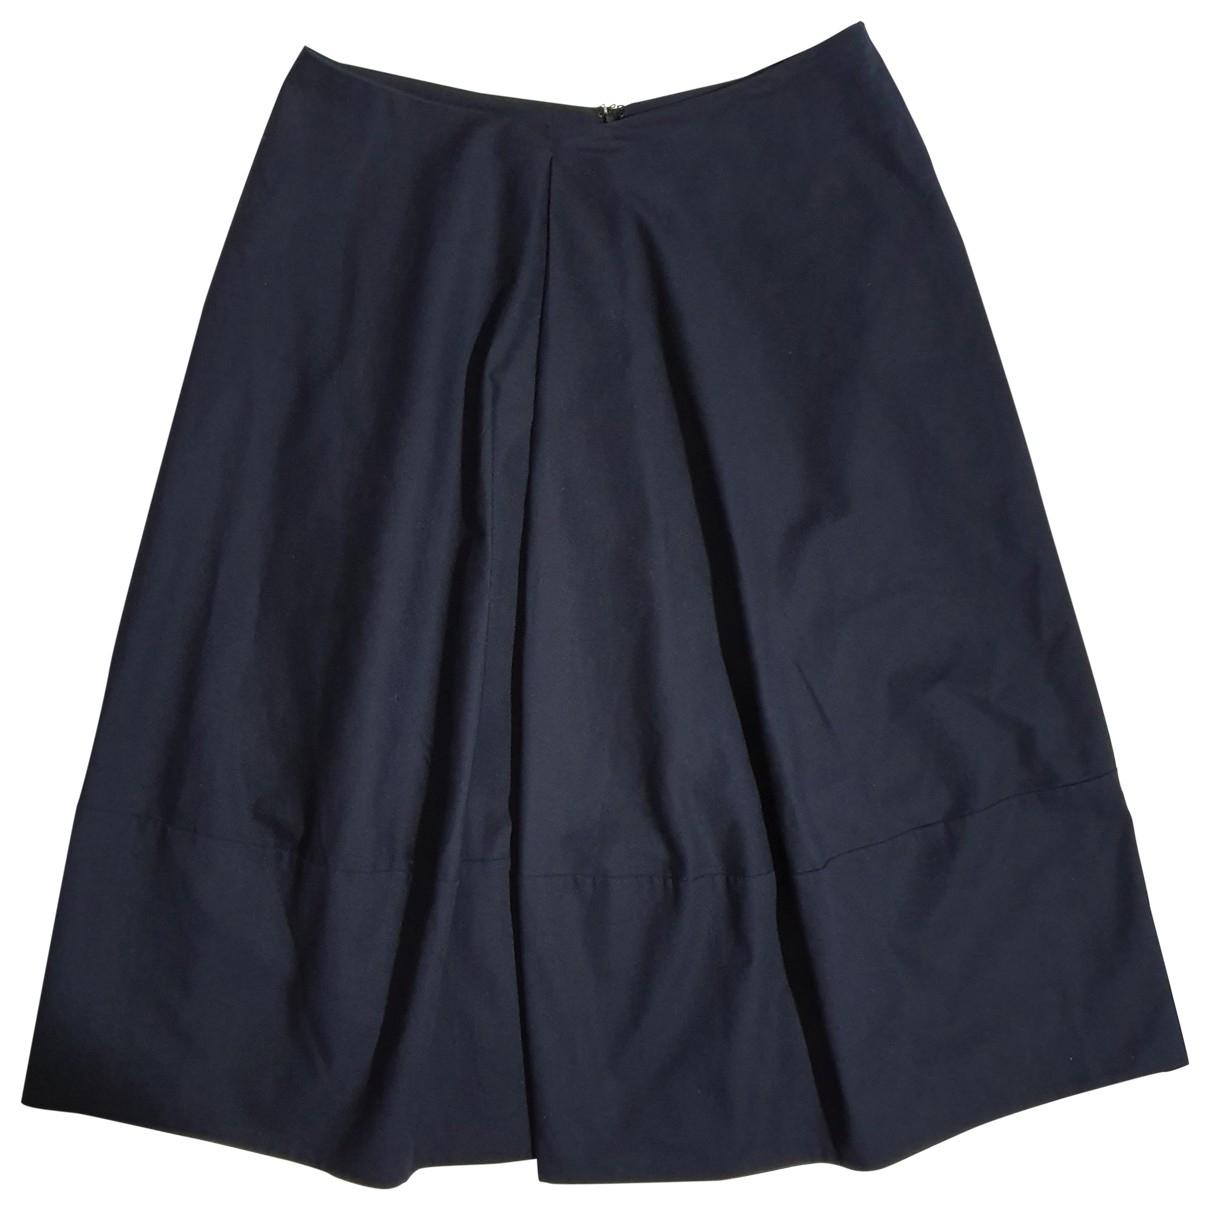 Jil Sander \N Navy Cotton - elasthane skirt for Women 36 FR